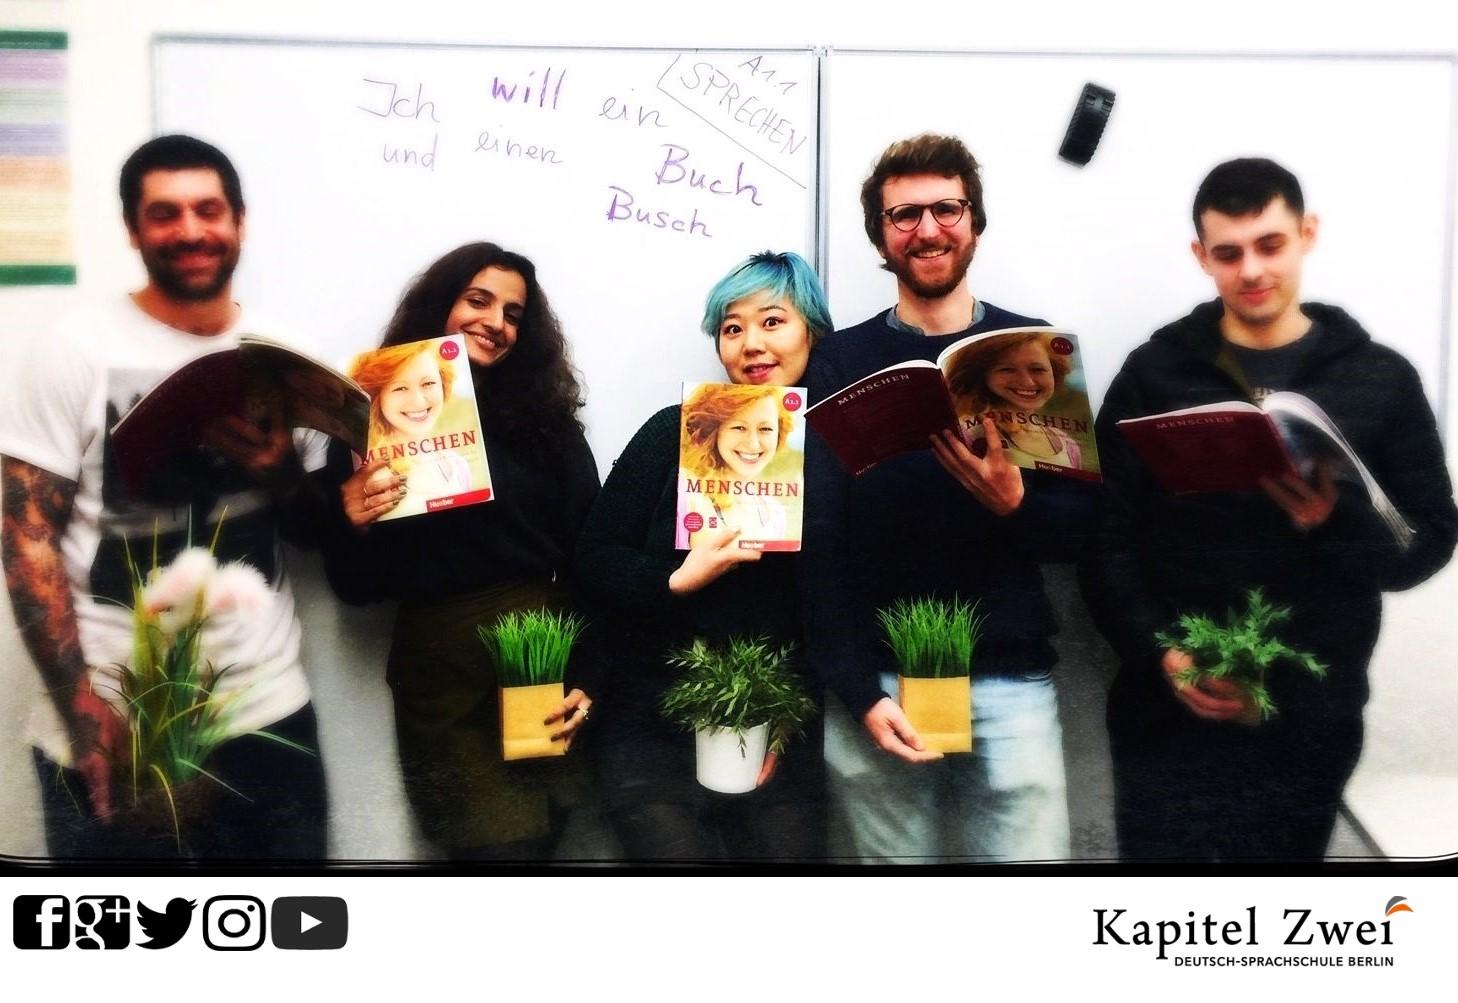 German course Kapitel Zwei Berlin